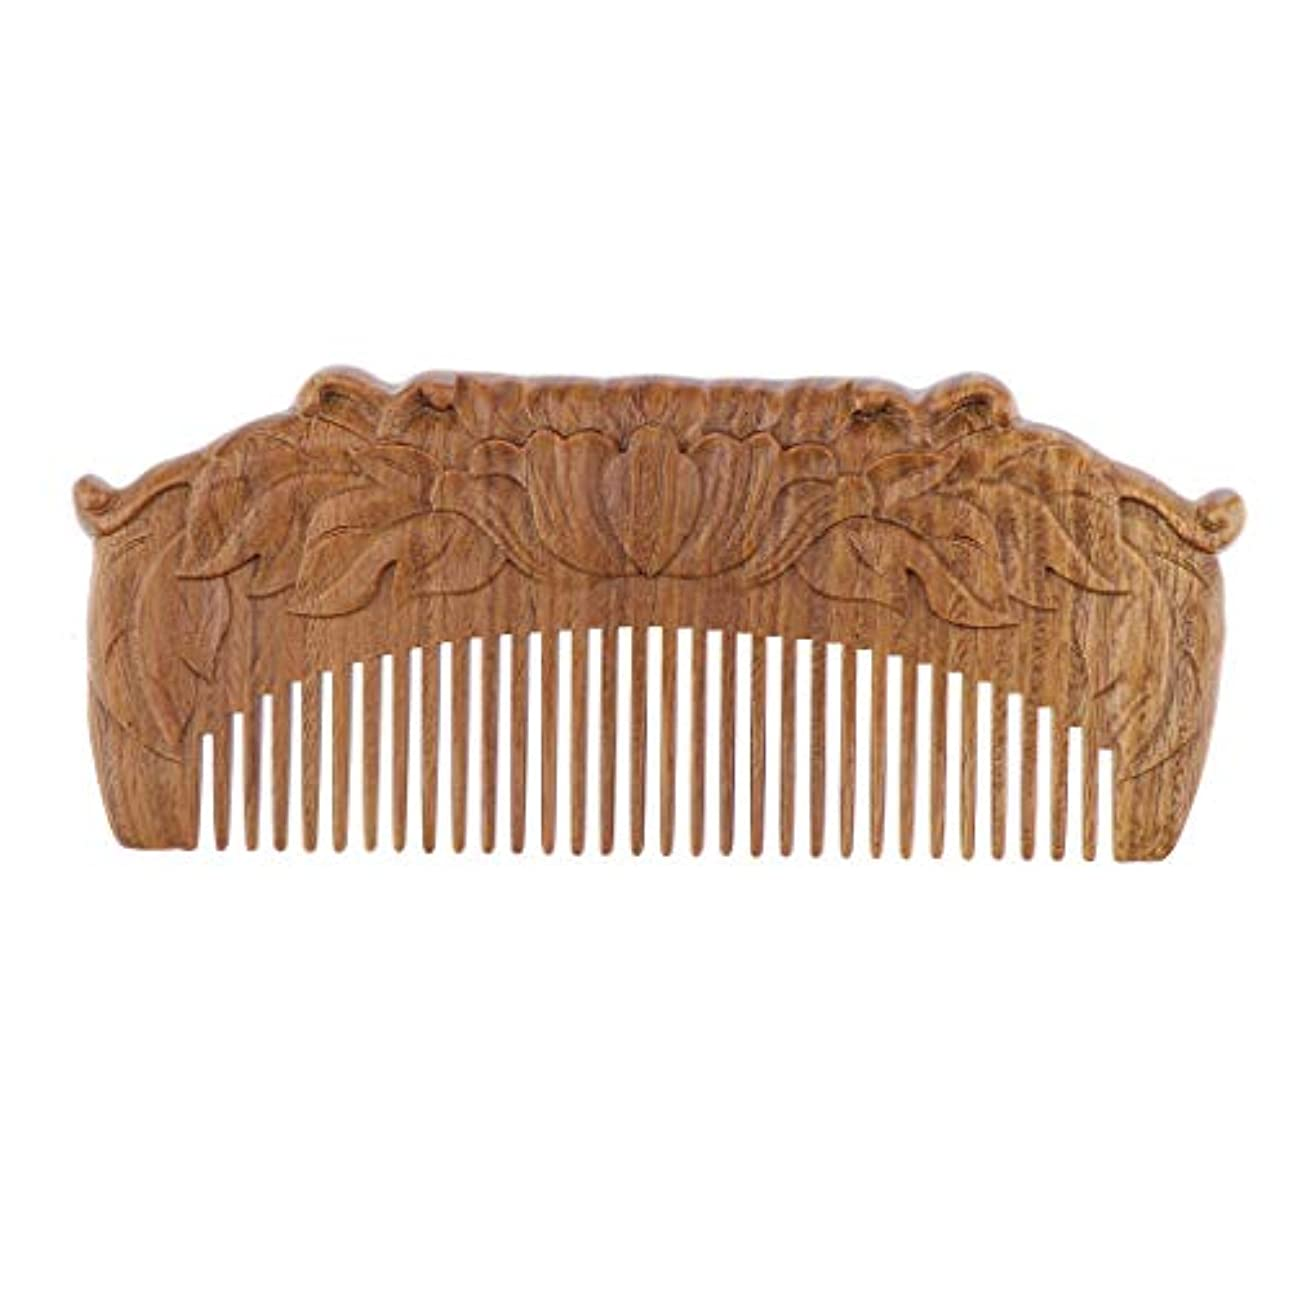 机引き渡す修復B Blesiya 木製櫛 ヘアコーム ヘアブラシ 天然木 手作り プレゼント